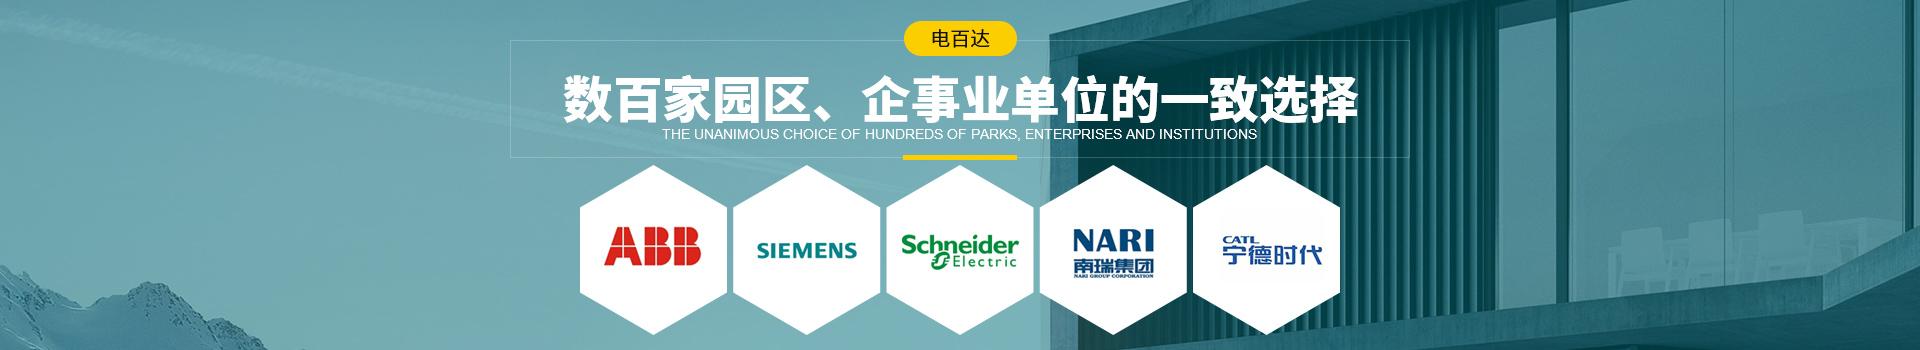 电百达   数百家园区&企事业单位的一致选择